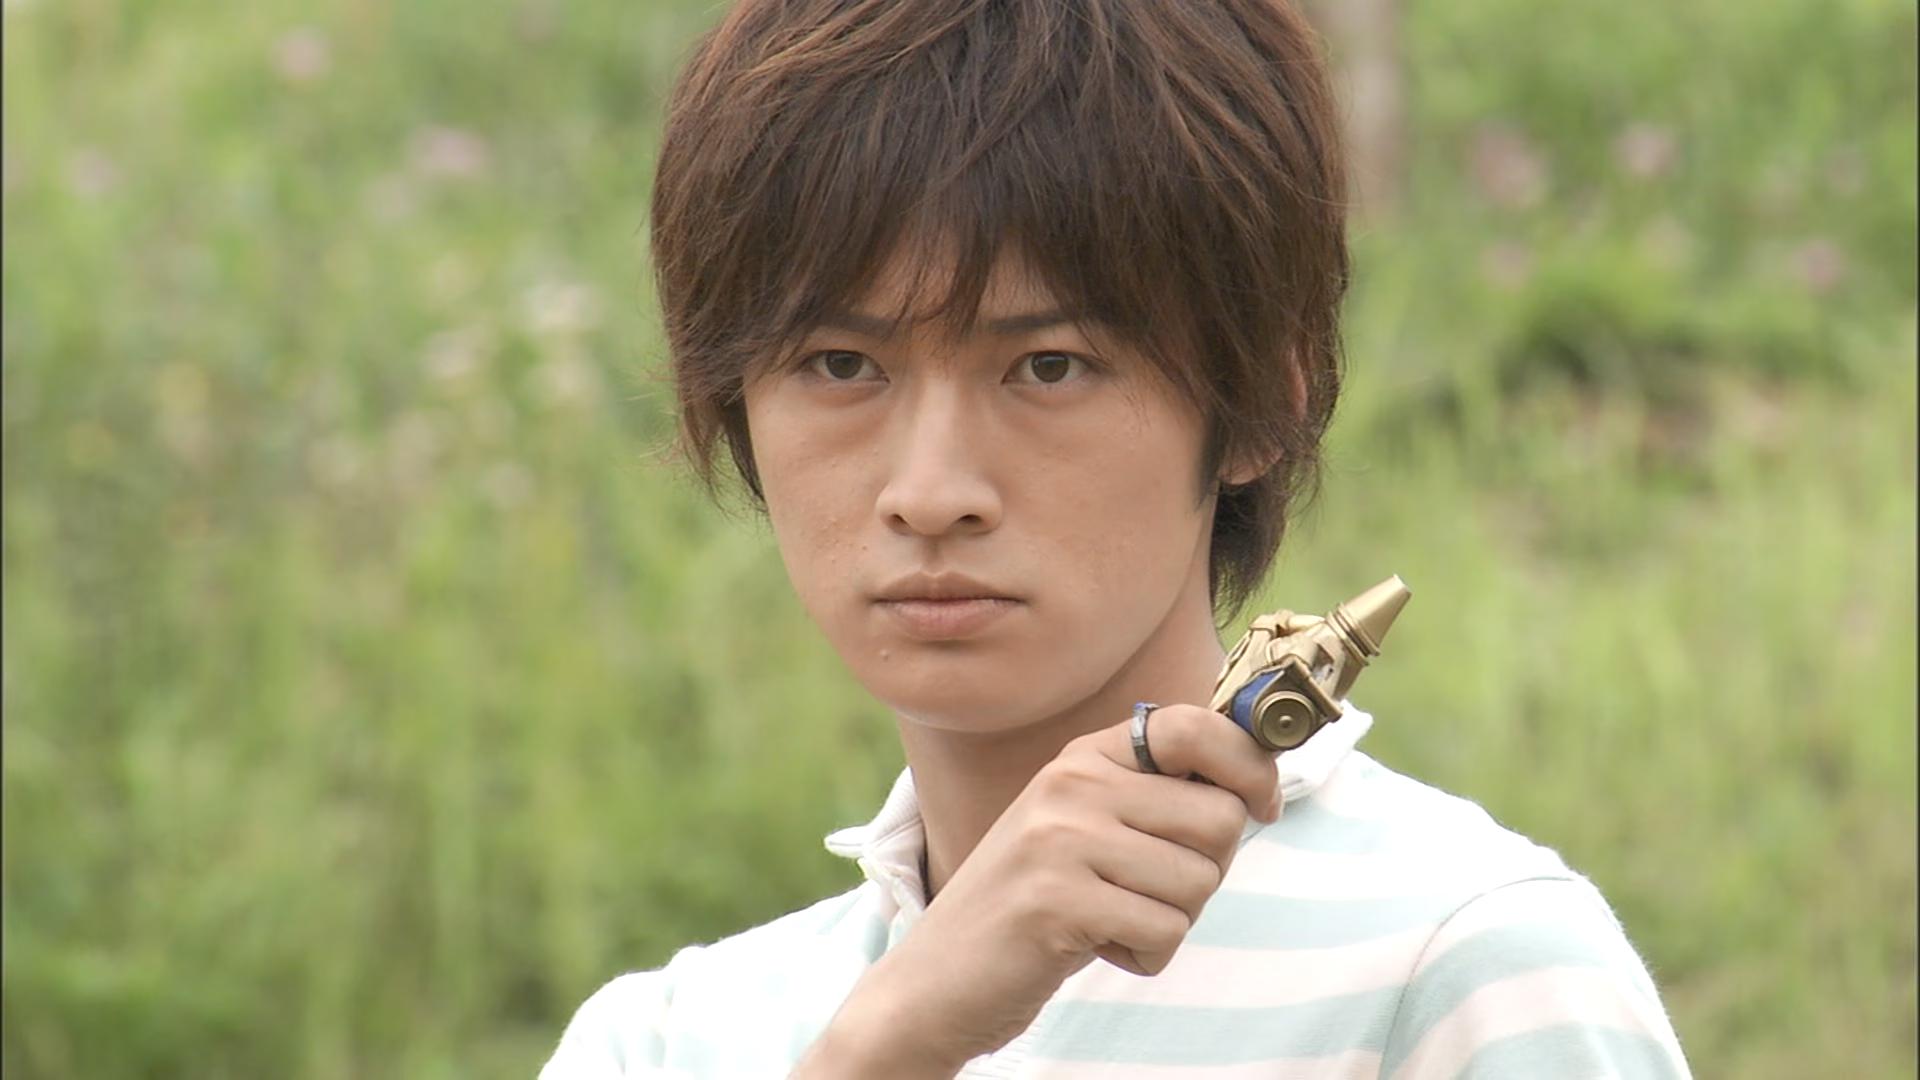 Iori Izumi